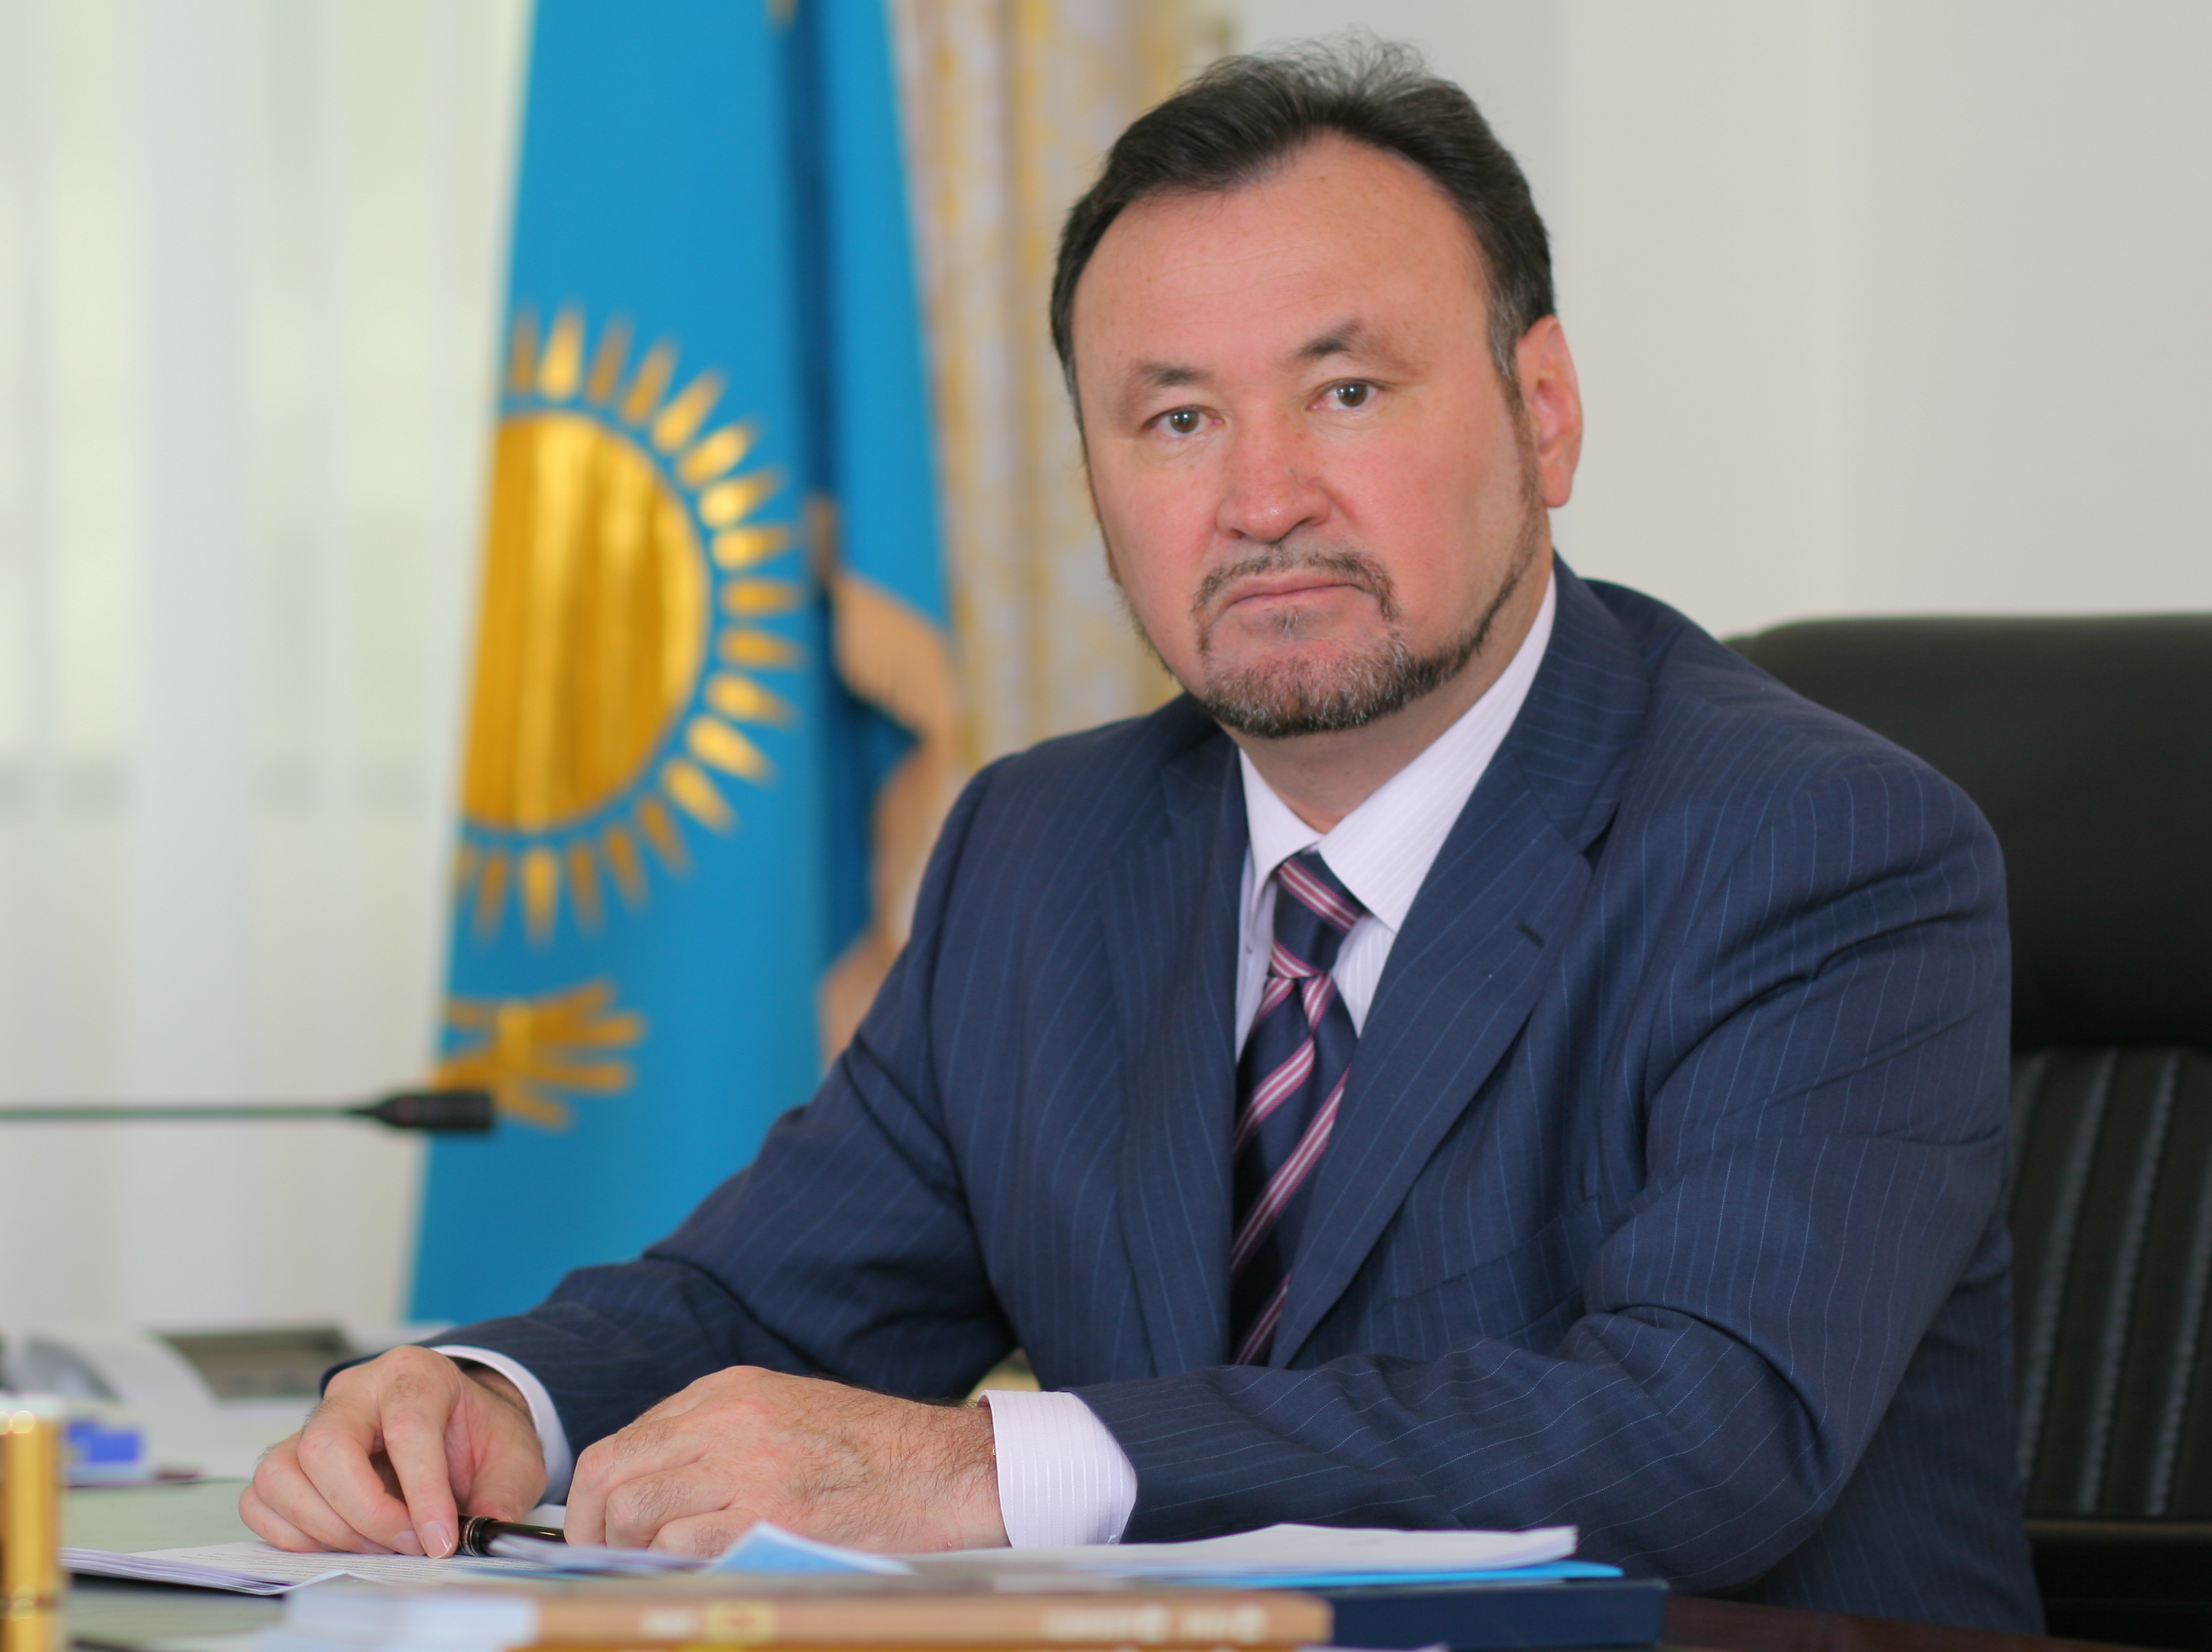 Сенатор Мухтар Кул-Мухаммед сделал заявление относительно высказывания российского политика